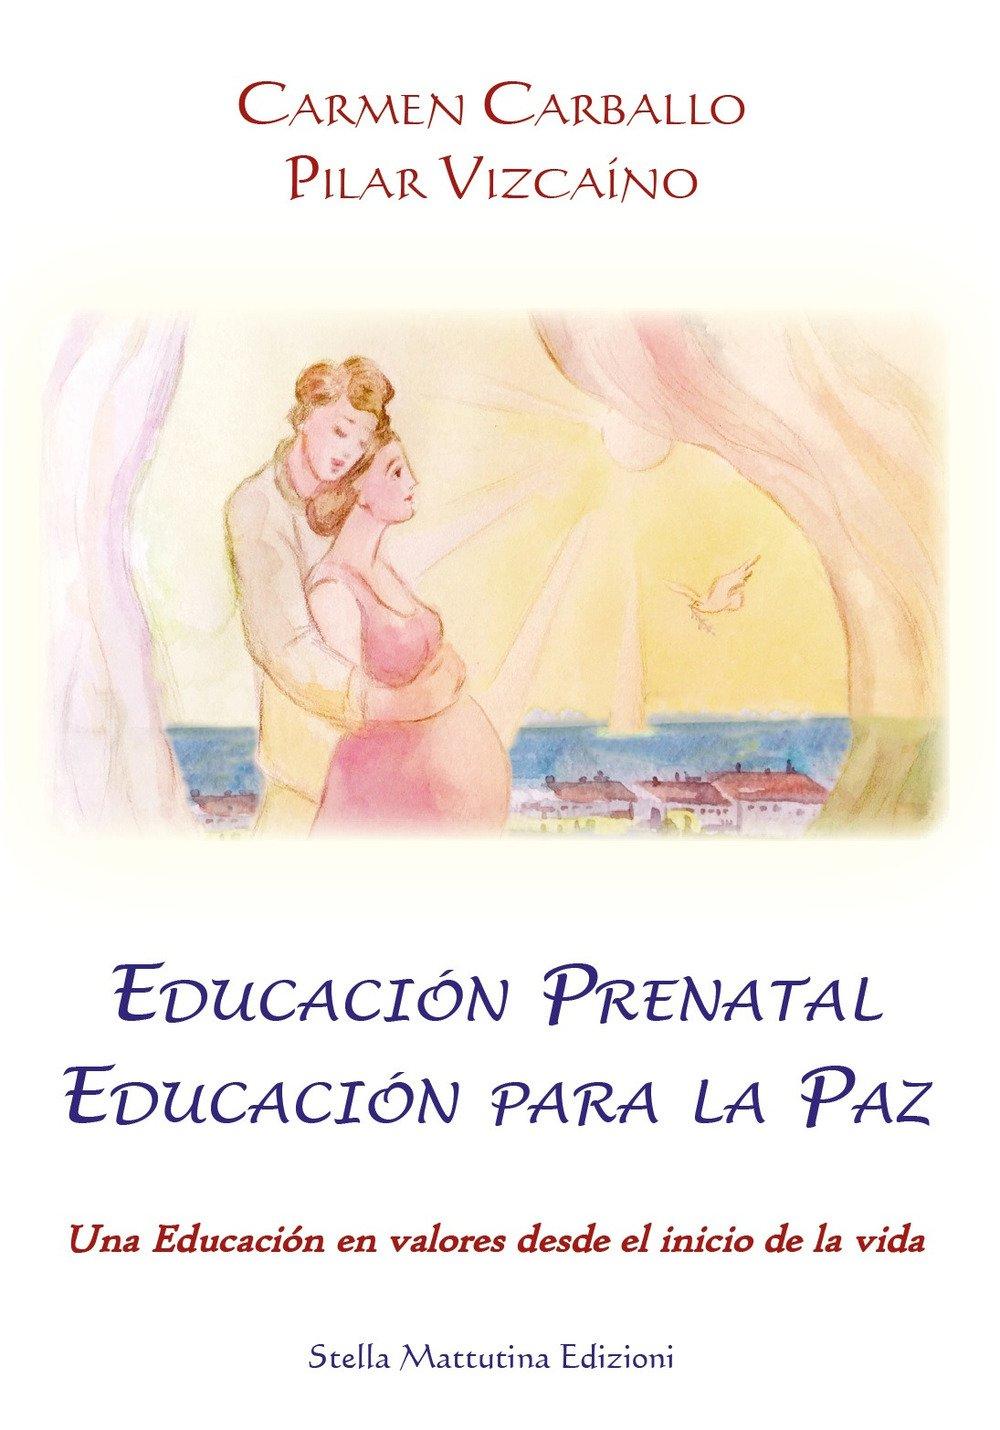 Educación prenatal educación para la paz. Una educación en valores desde el inicio de la vida: Amazon.es: Carmen Carballo, Pilar Vizcaíno, ...